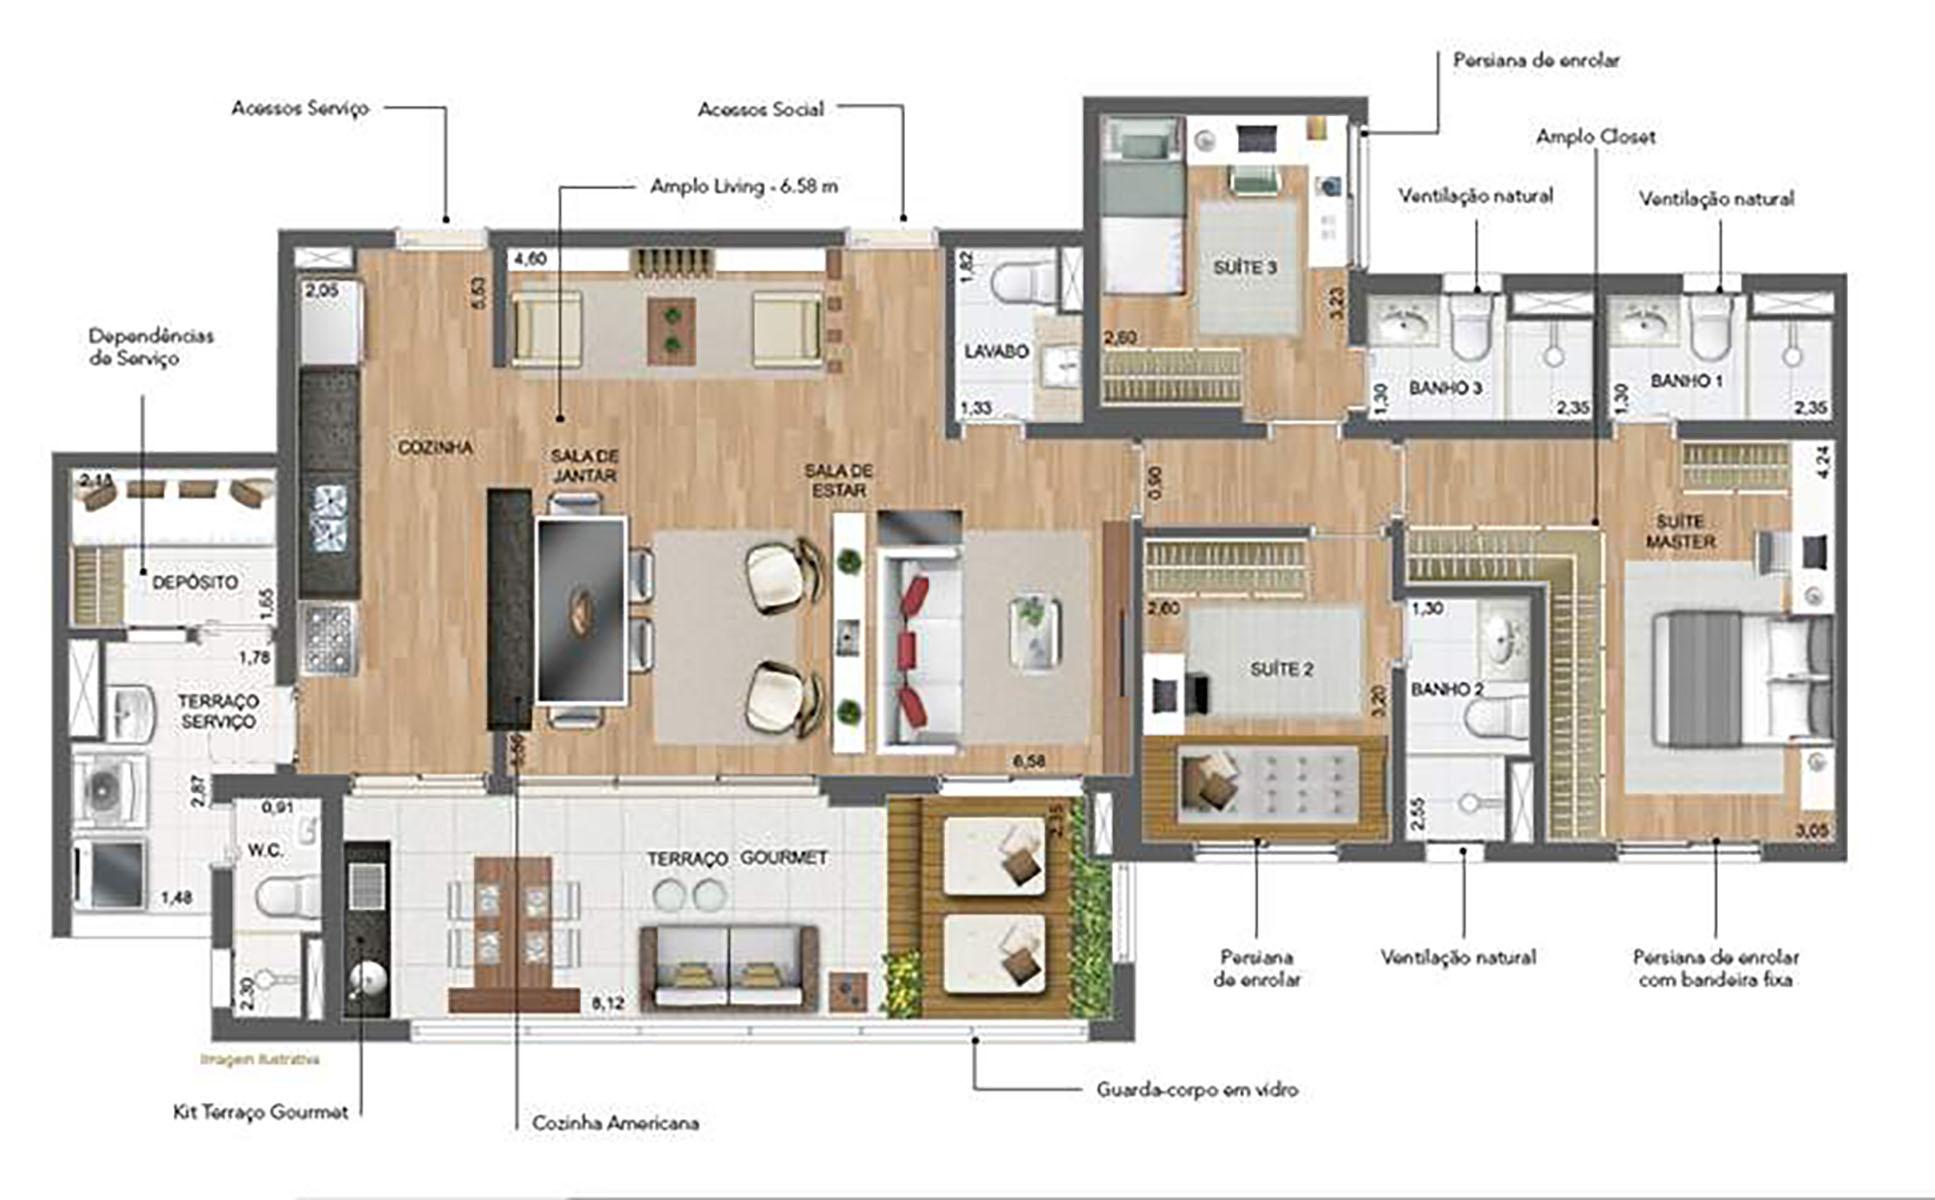 141 m² Sala Ampliada › NEW PARKER